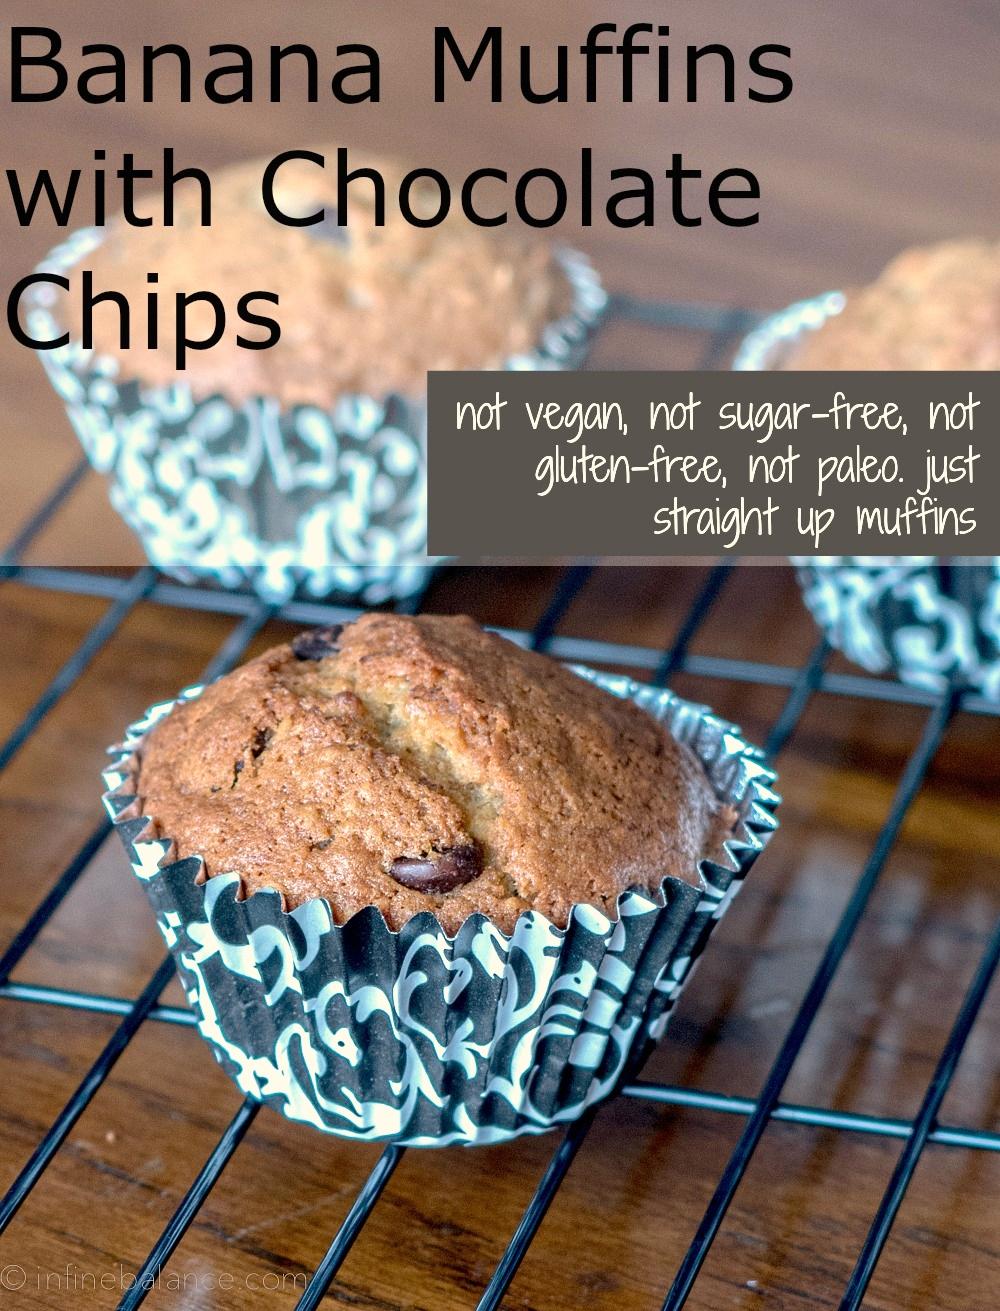 Banana Chocolate Chip Muffins | infinebalance.com